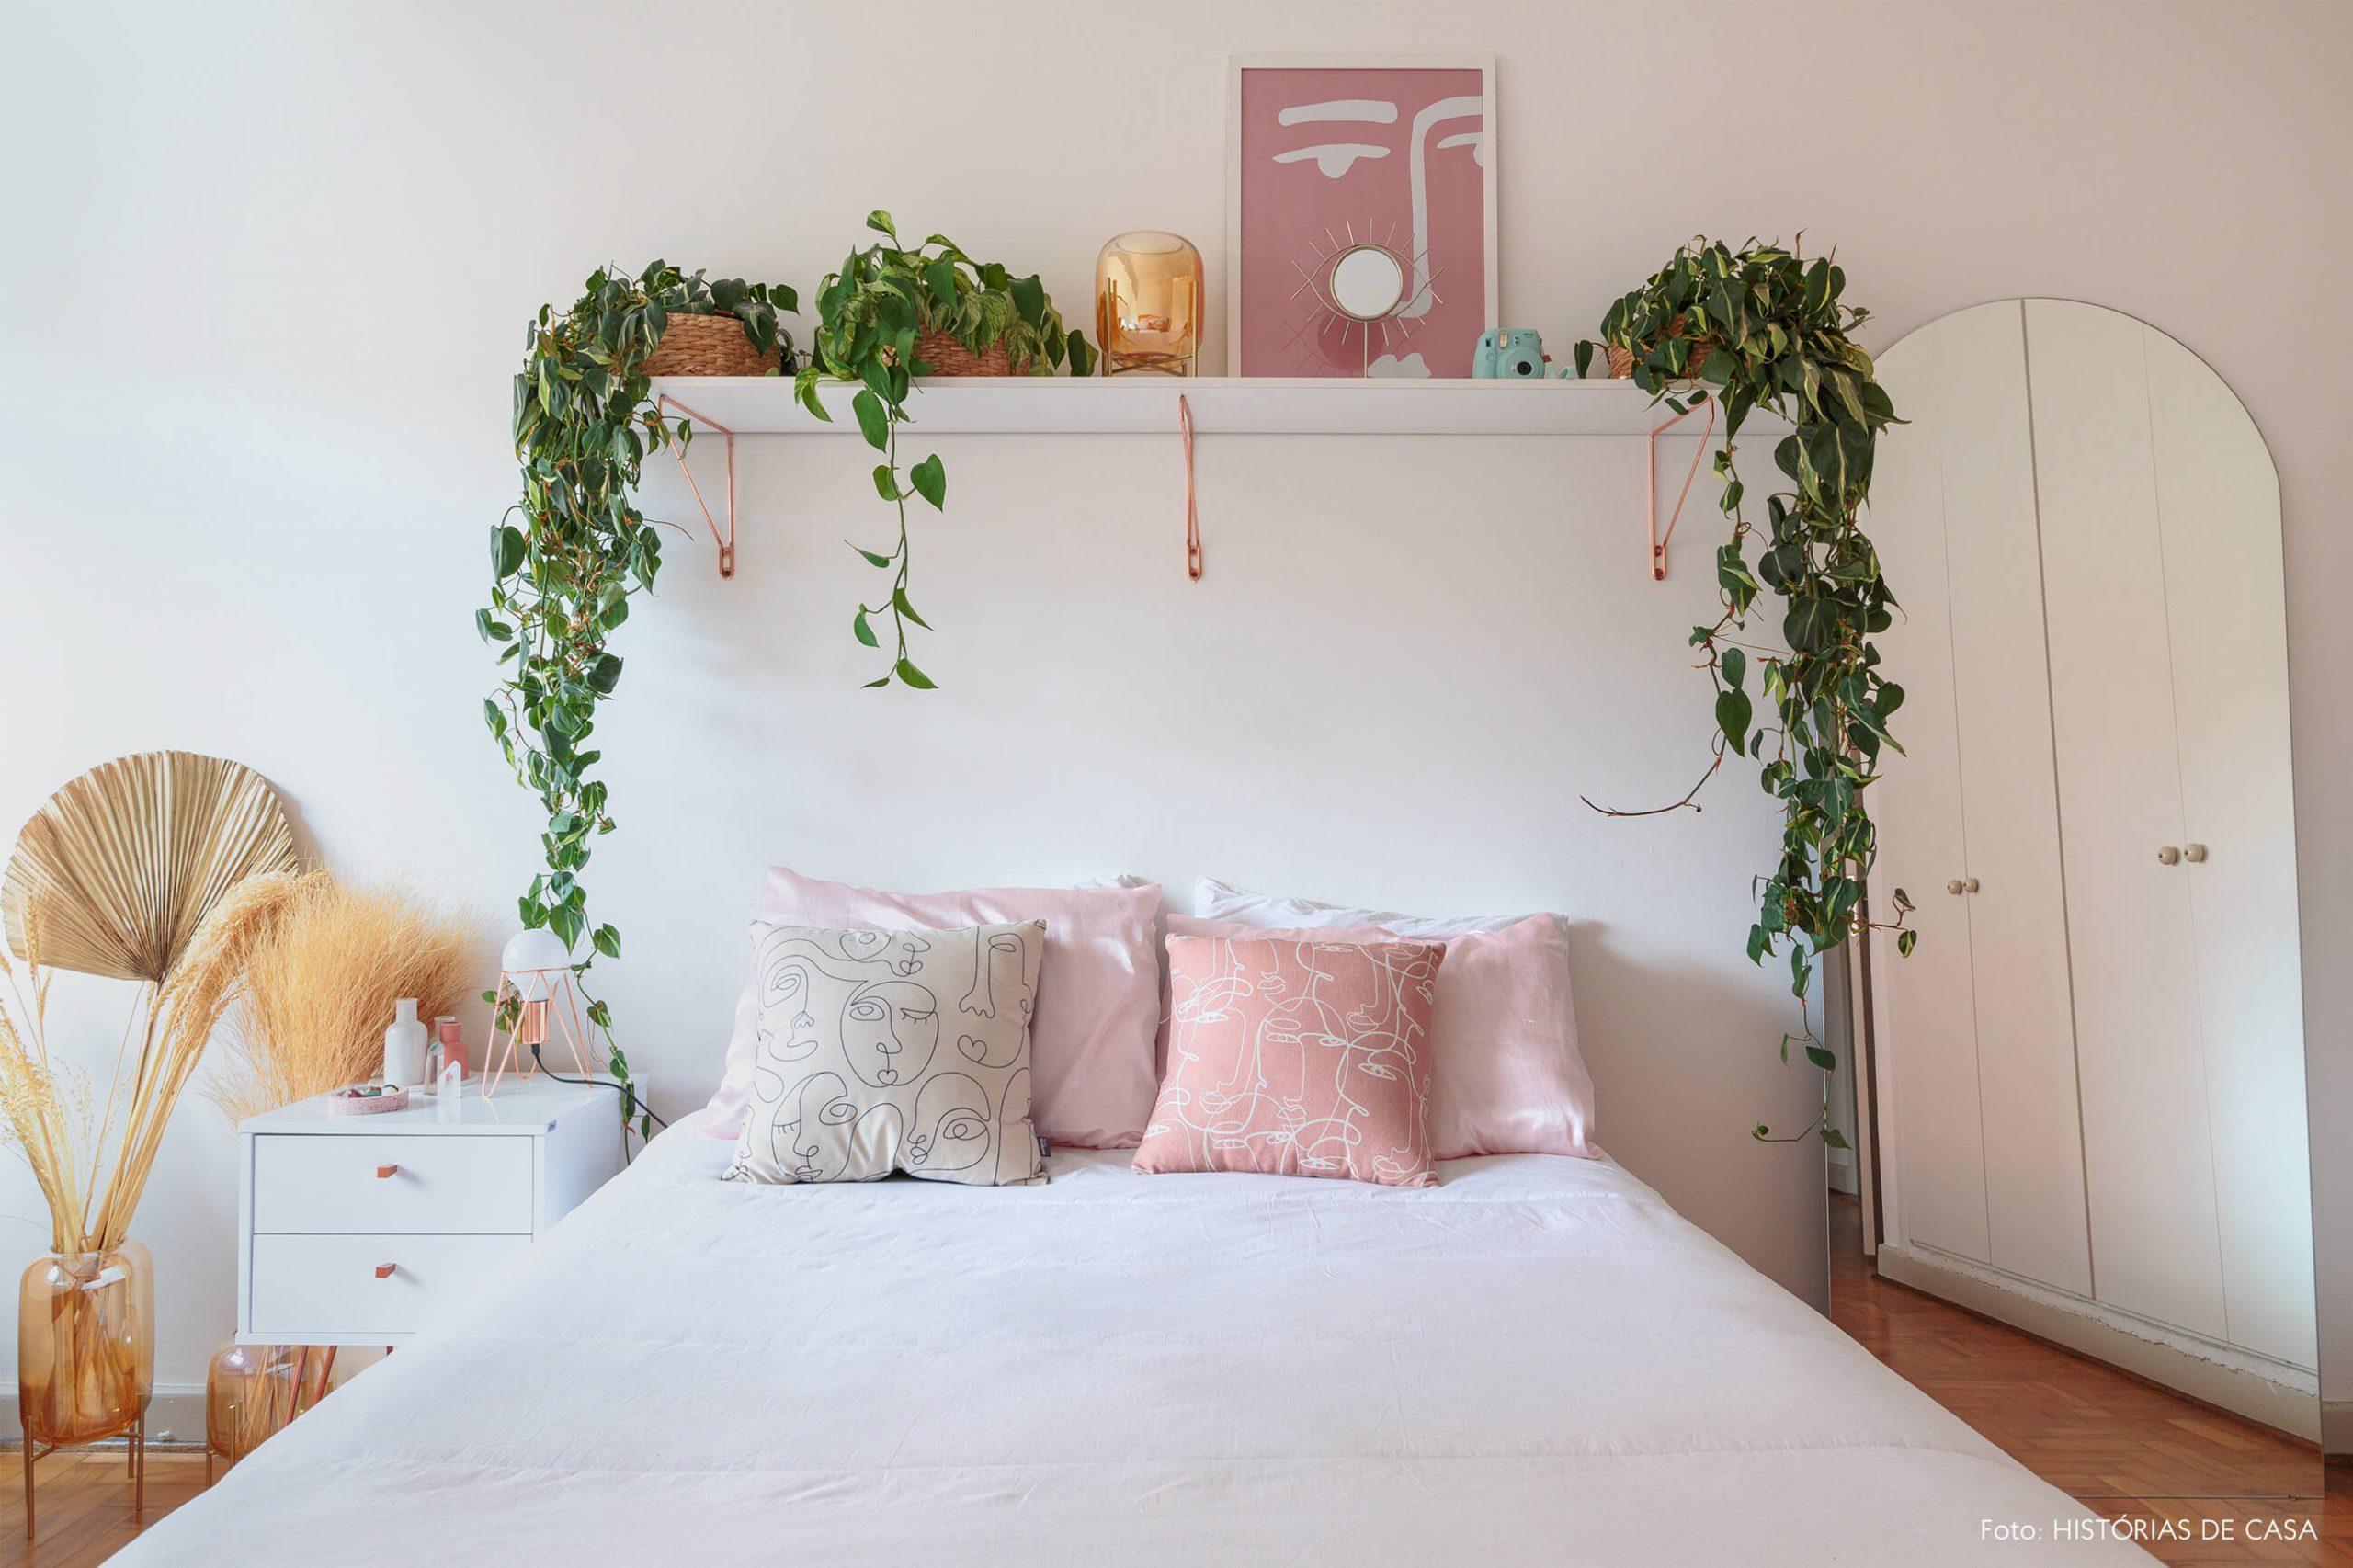 decoração ape alugado quarto com plantas, mesa de cabeceira branca